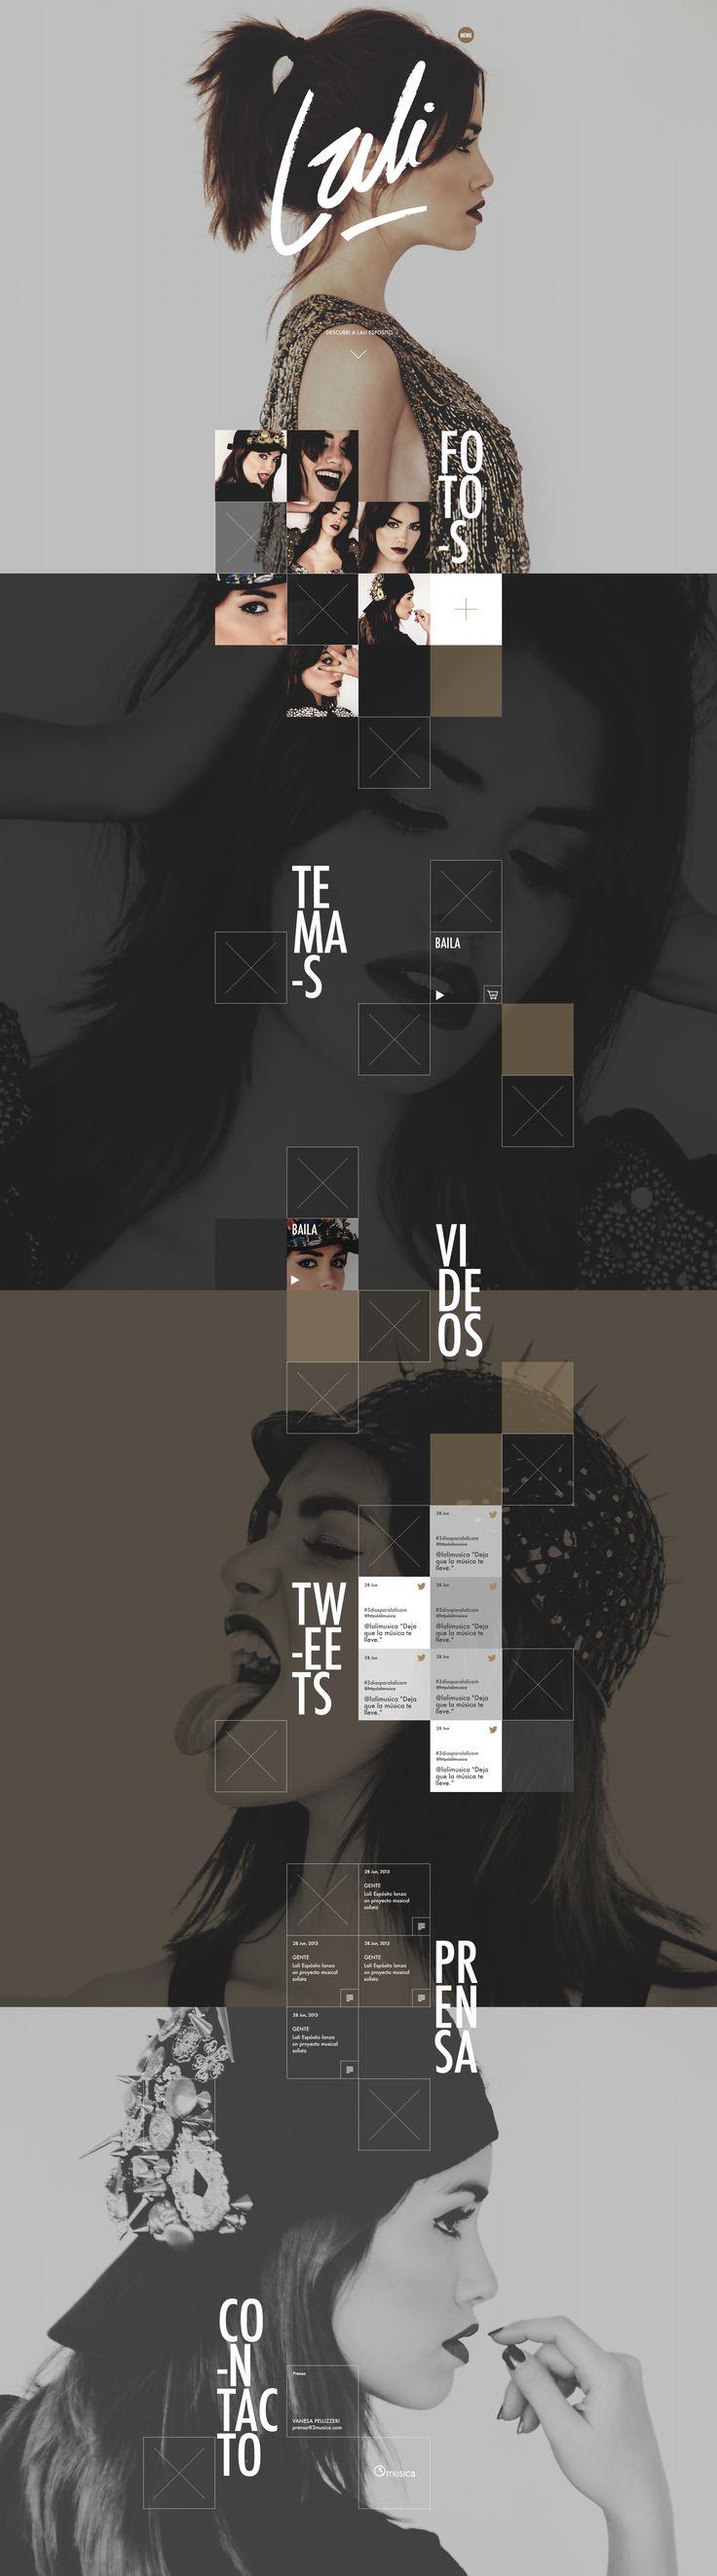 Lali Esposito Website by Visualbox